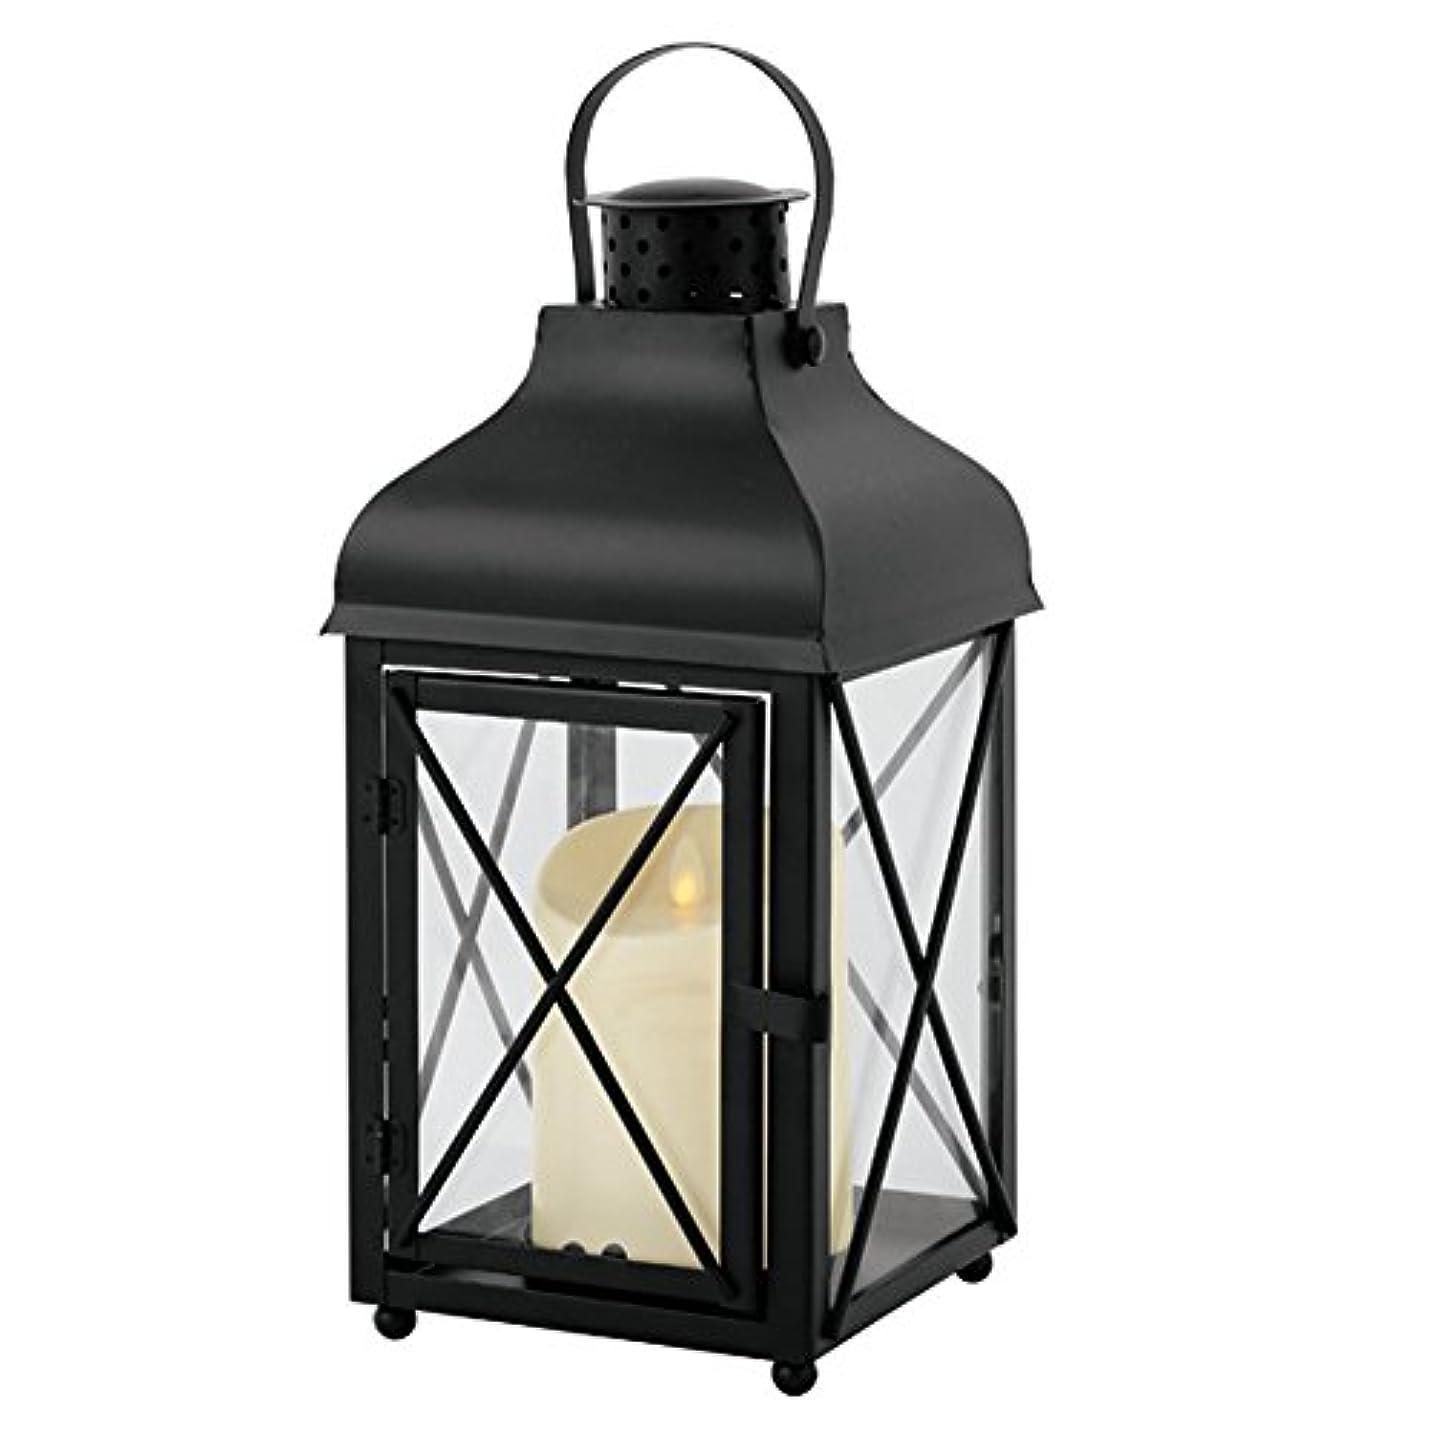 天使特権的多くの危険がある状況カメヤマキャンドルハウス リアルな炎 LEDライトルミナラピラー入りランタン ブラック LUMINARA  LEDキャンドル